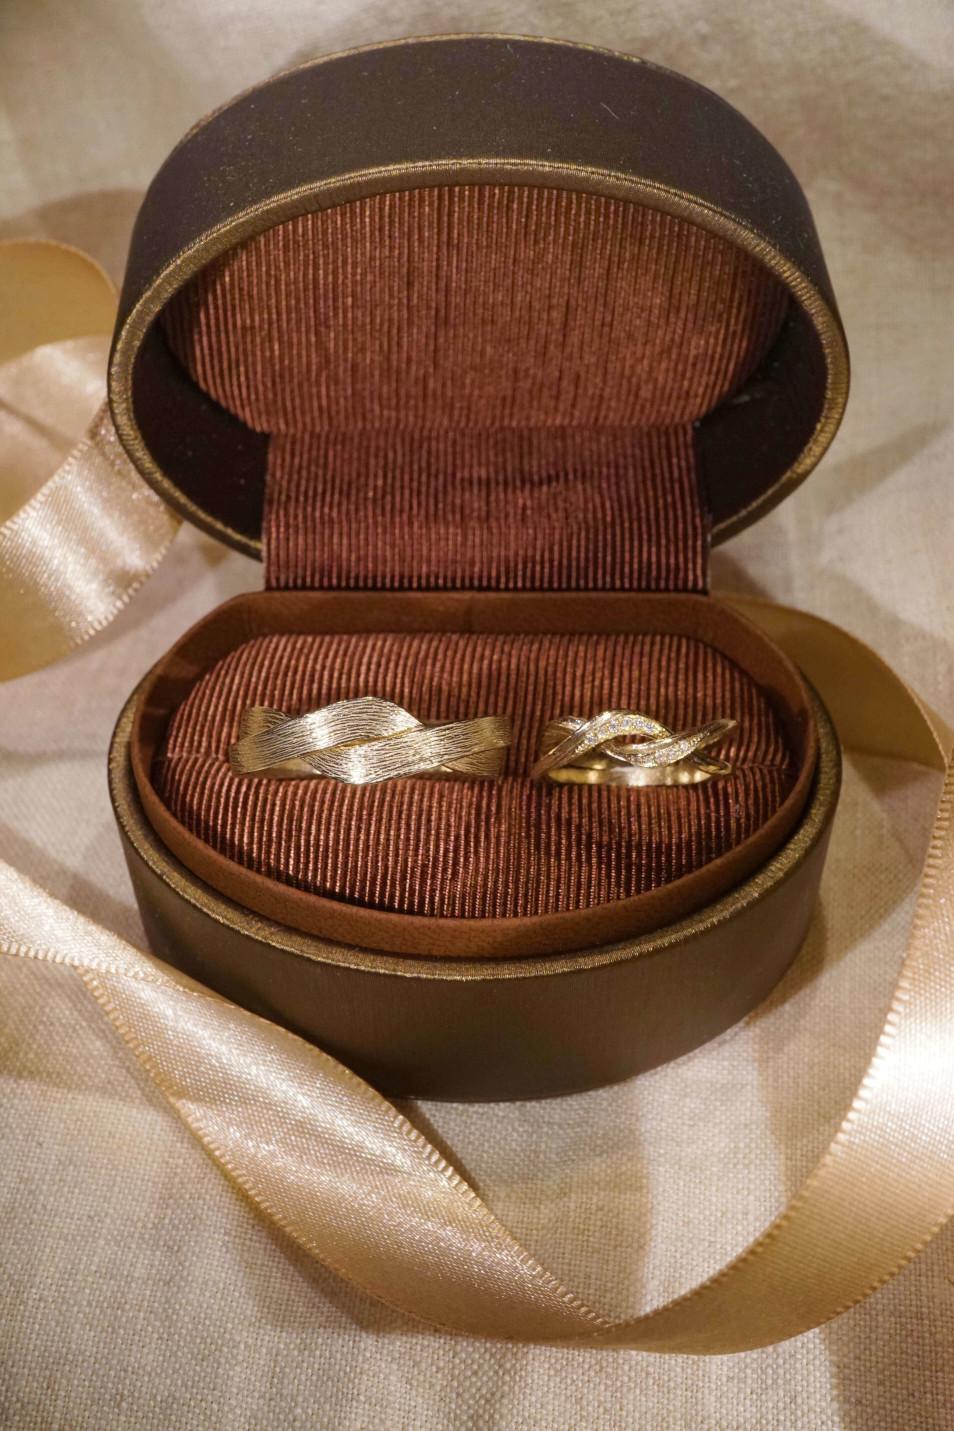 Chia Jewelry婚戒品牌推薦|對戒推薦|結婚對戒品牌|訂製婚戒品牌推薦